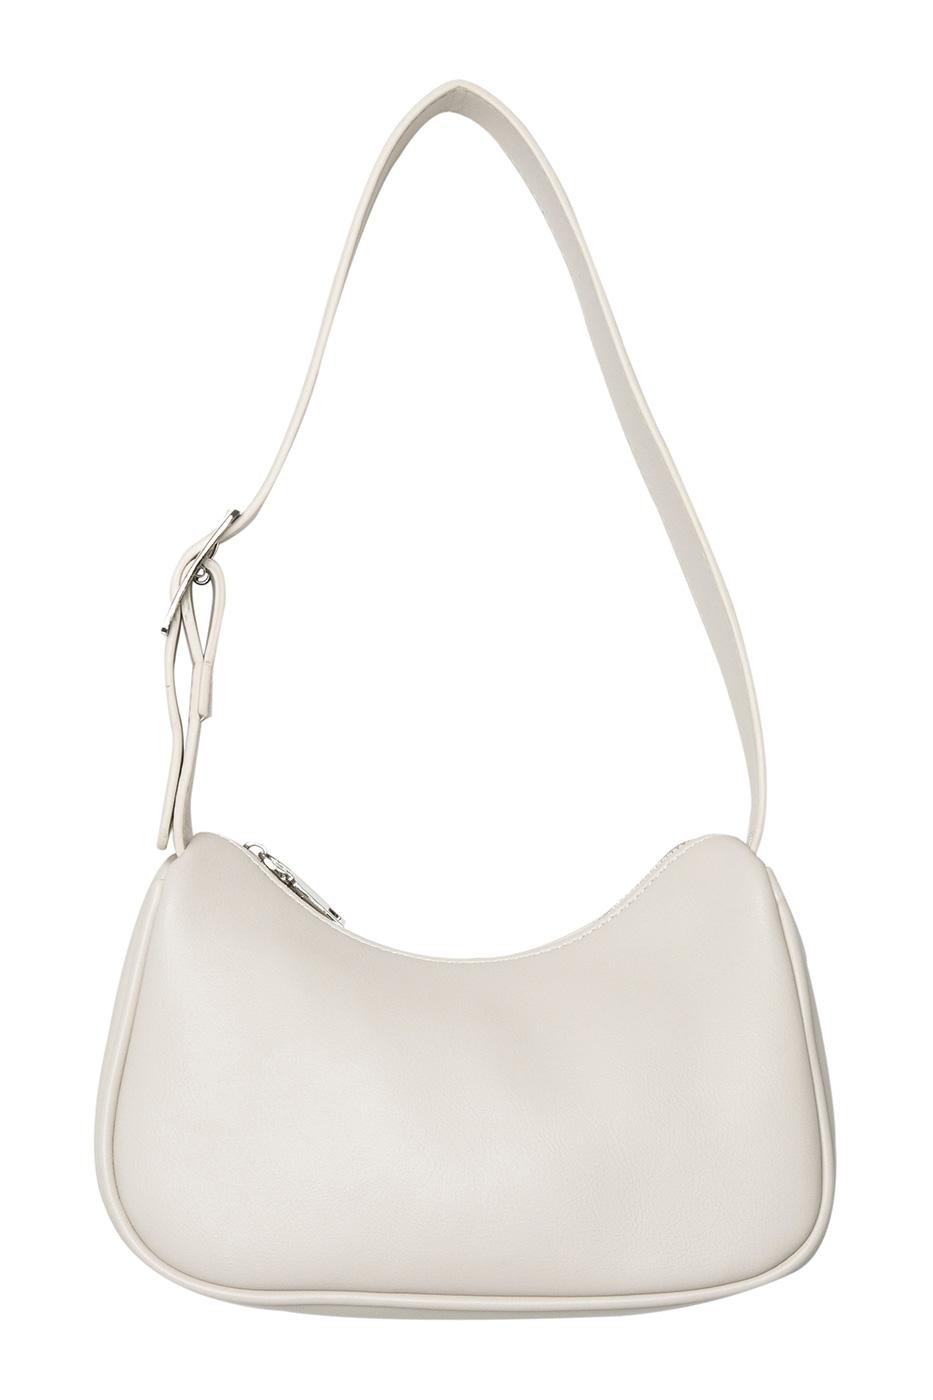 Mont-buckle shoulder bag